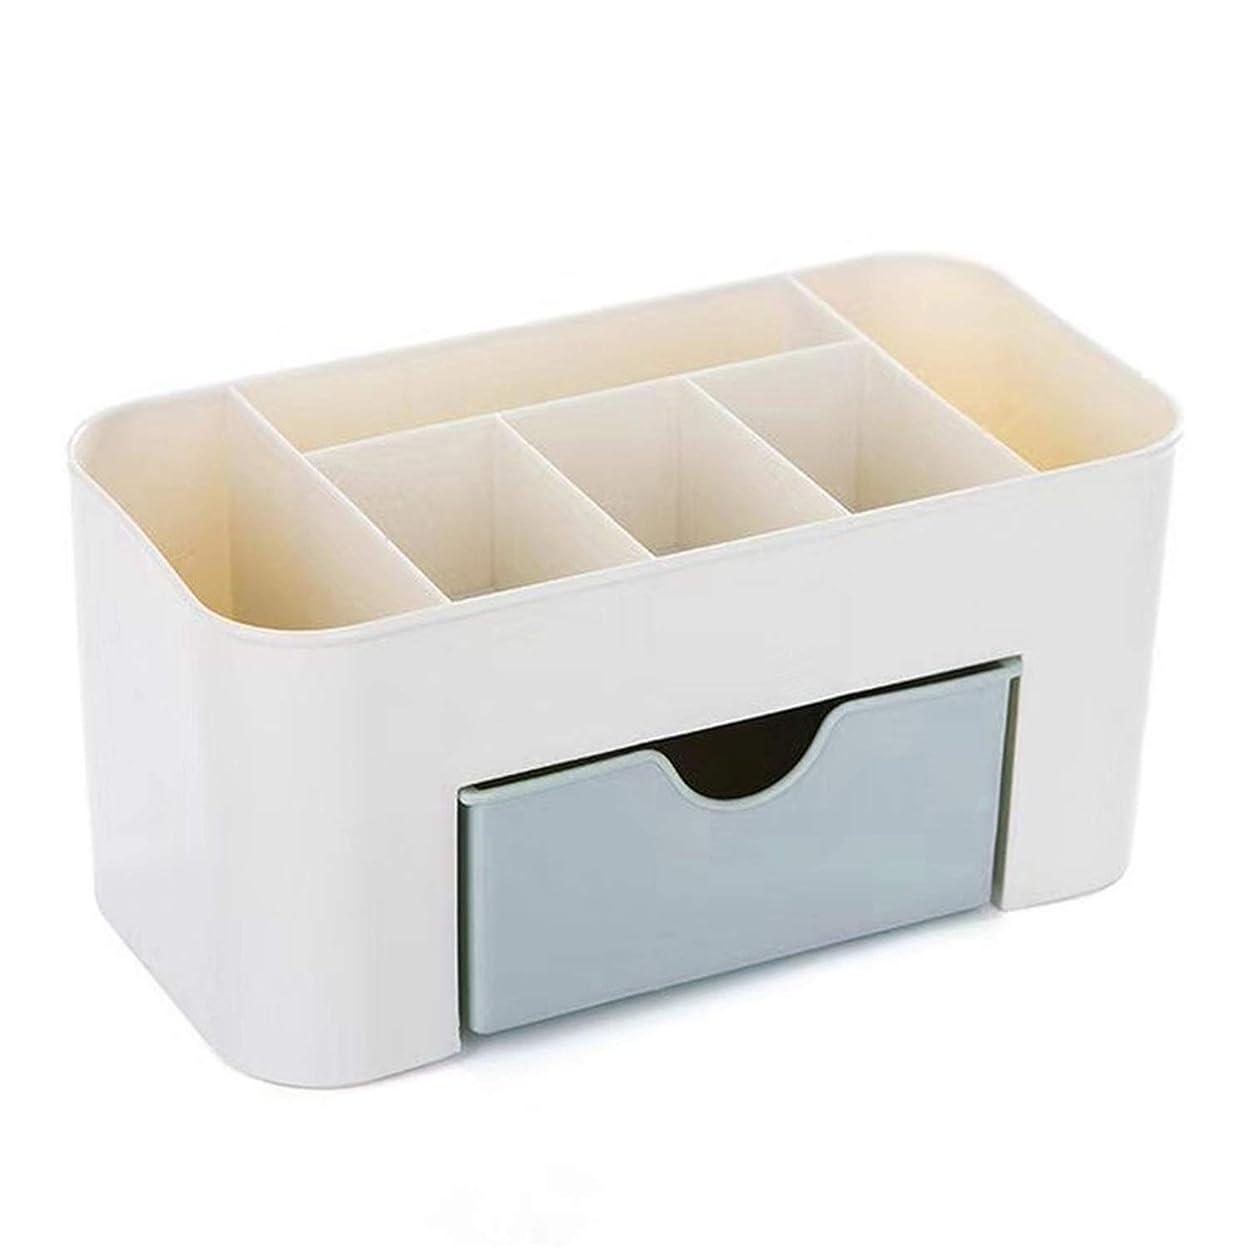 表向き表現エンコミウムHJY スタッカブルと防水プラスチック化粧オーガナイザー、事務机文具収納ボックス化粧品ホルダー、大容量ジュエリーディスプレイケース (あいいろ)